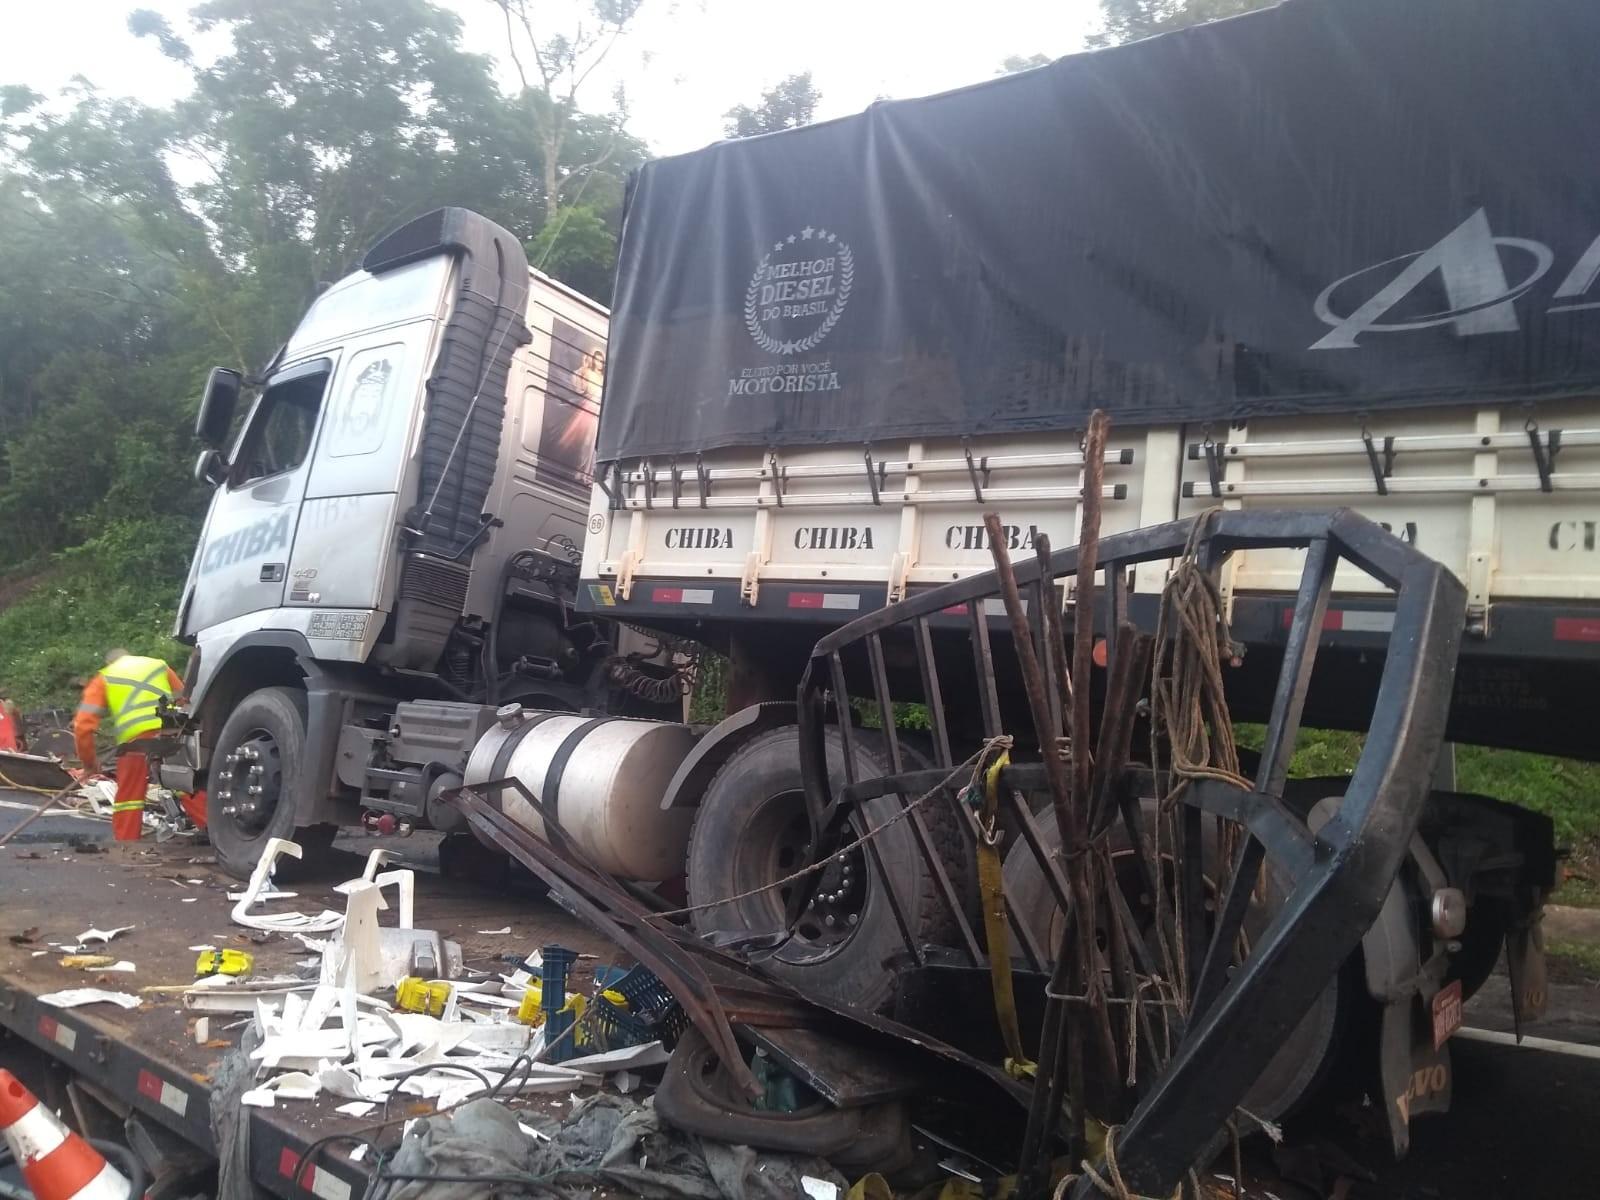 Morre homem que ficou ferido em acidente entre dois caminhões e um guincho na BR-386 - Notícias - Plantão Diário